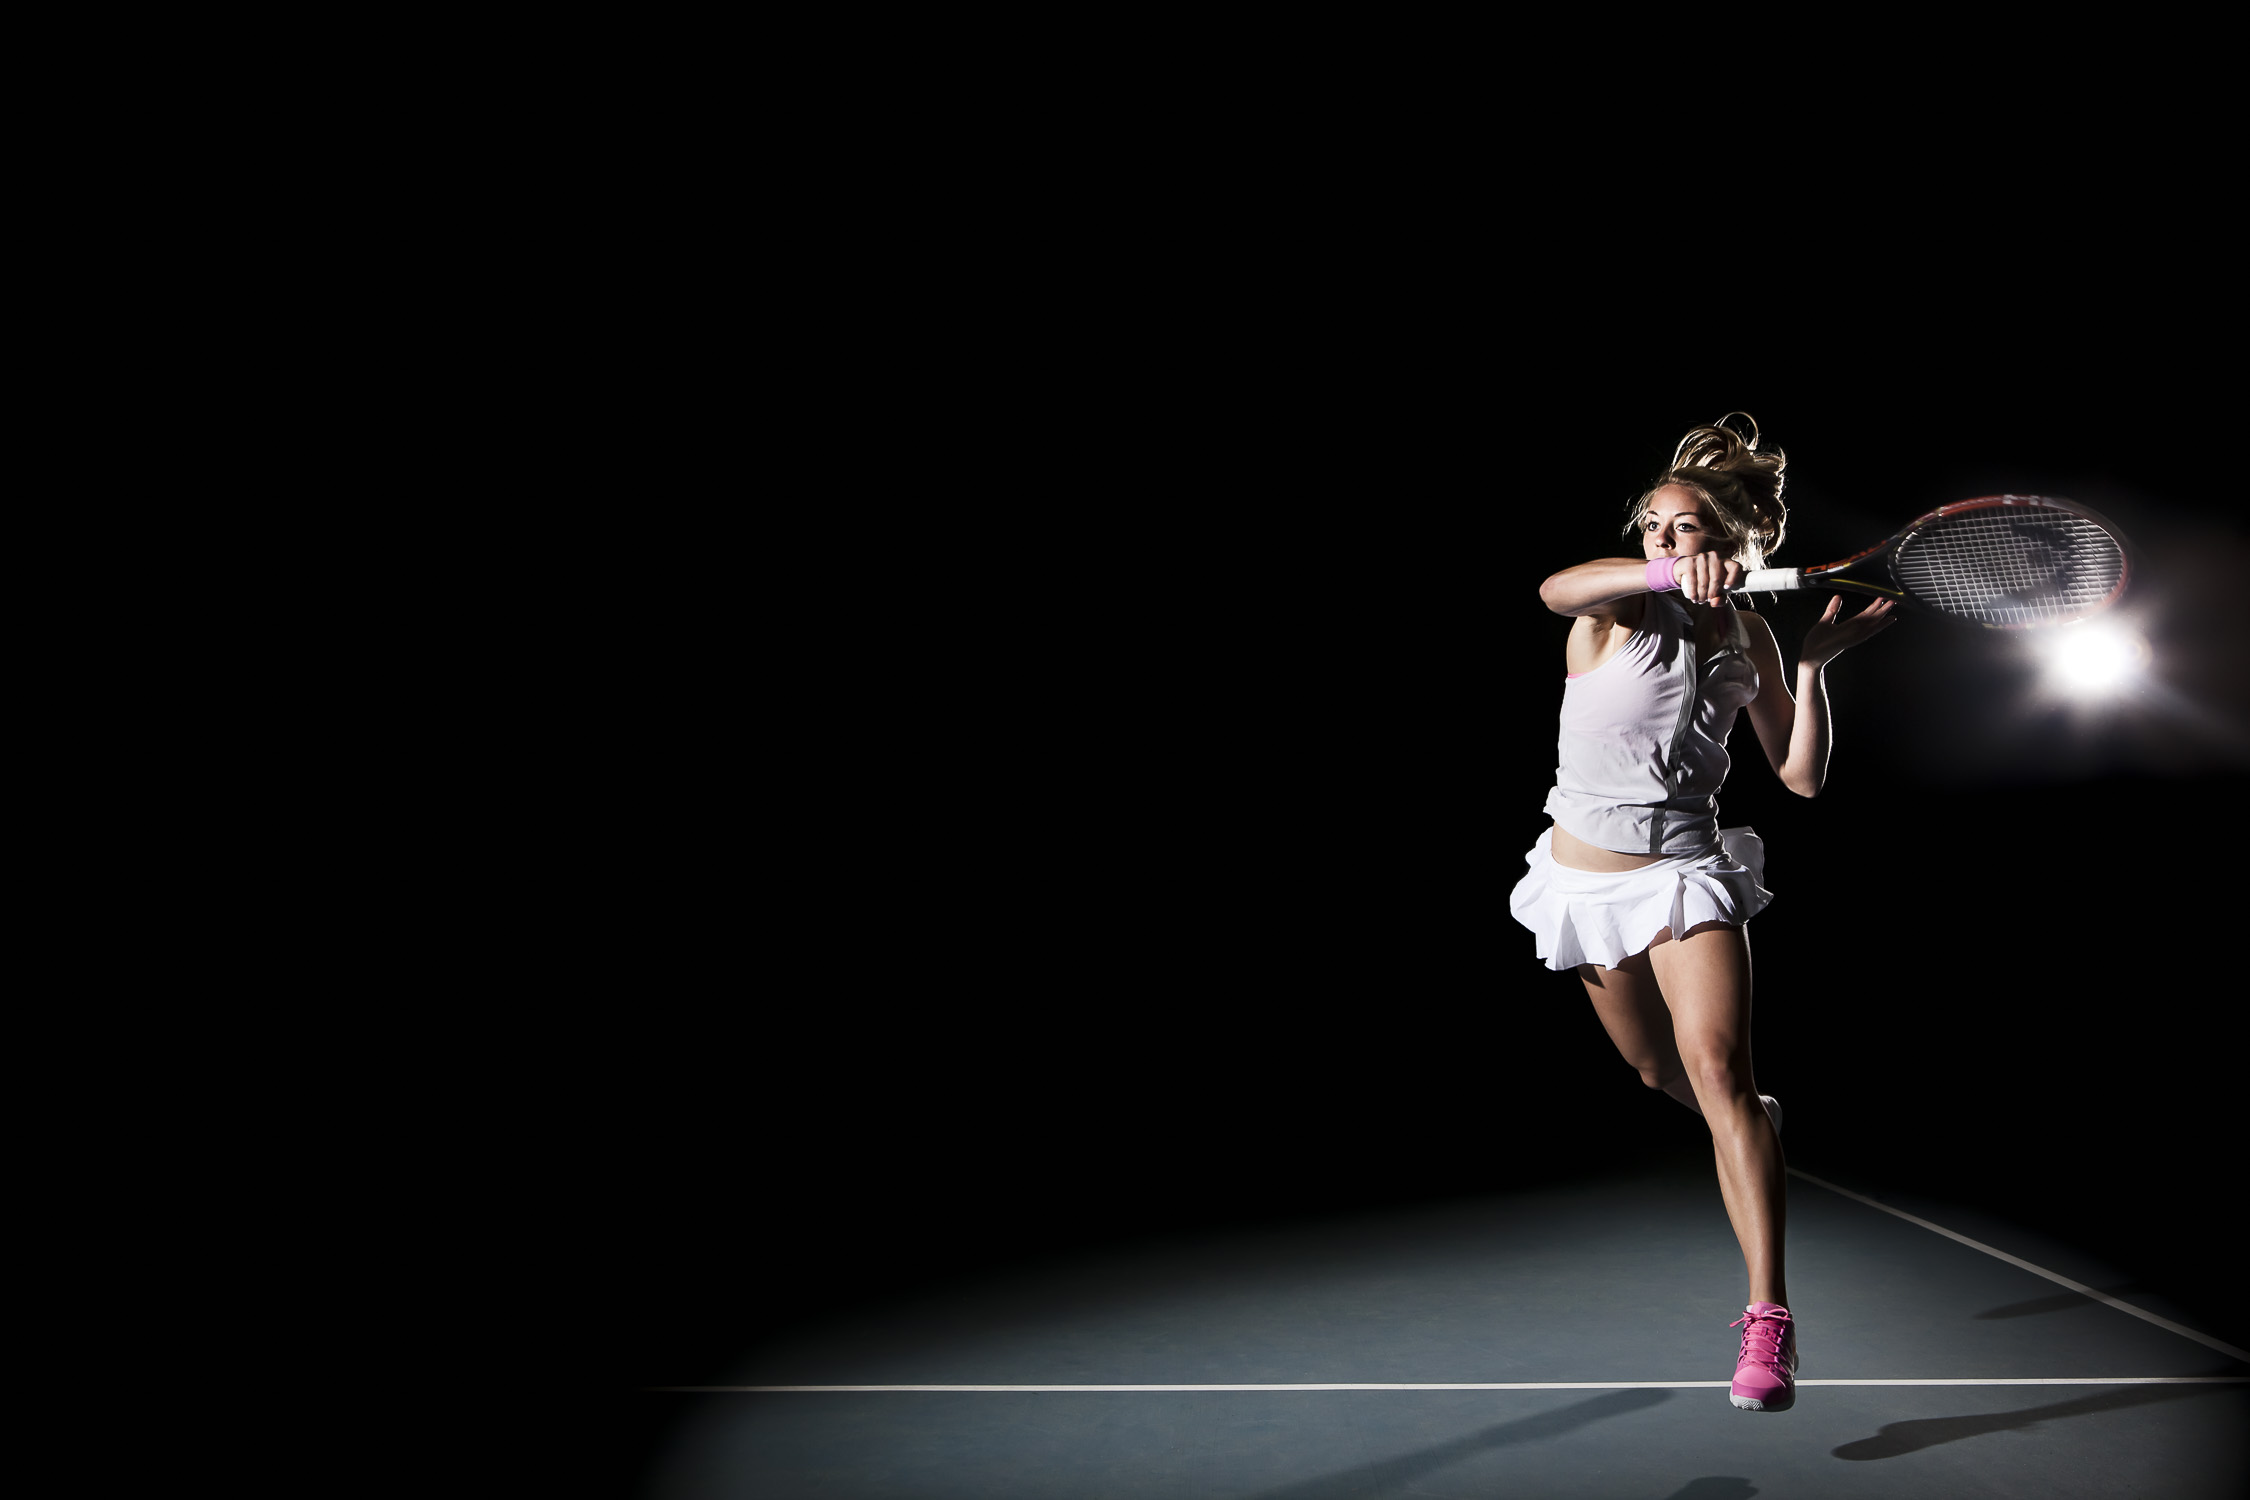 Sportrait – Tennisspielerin